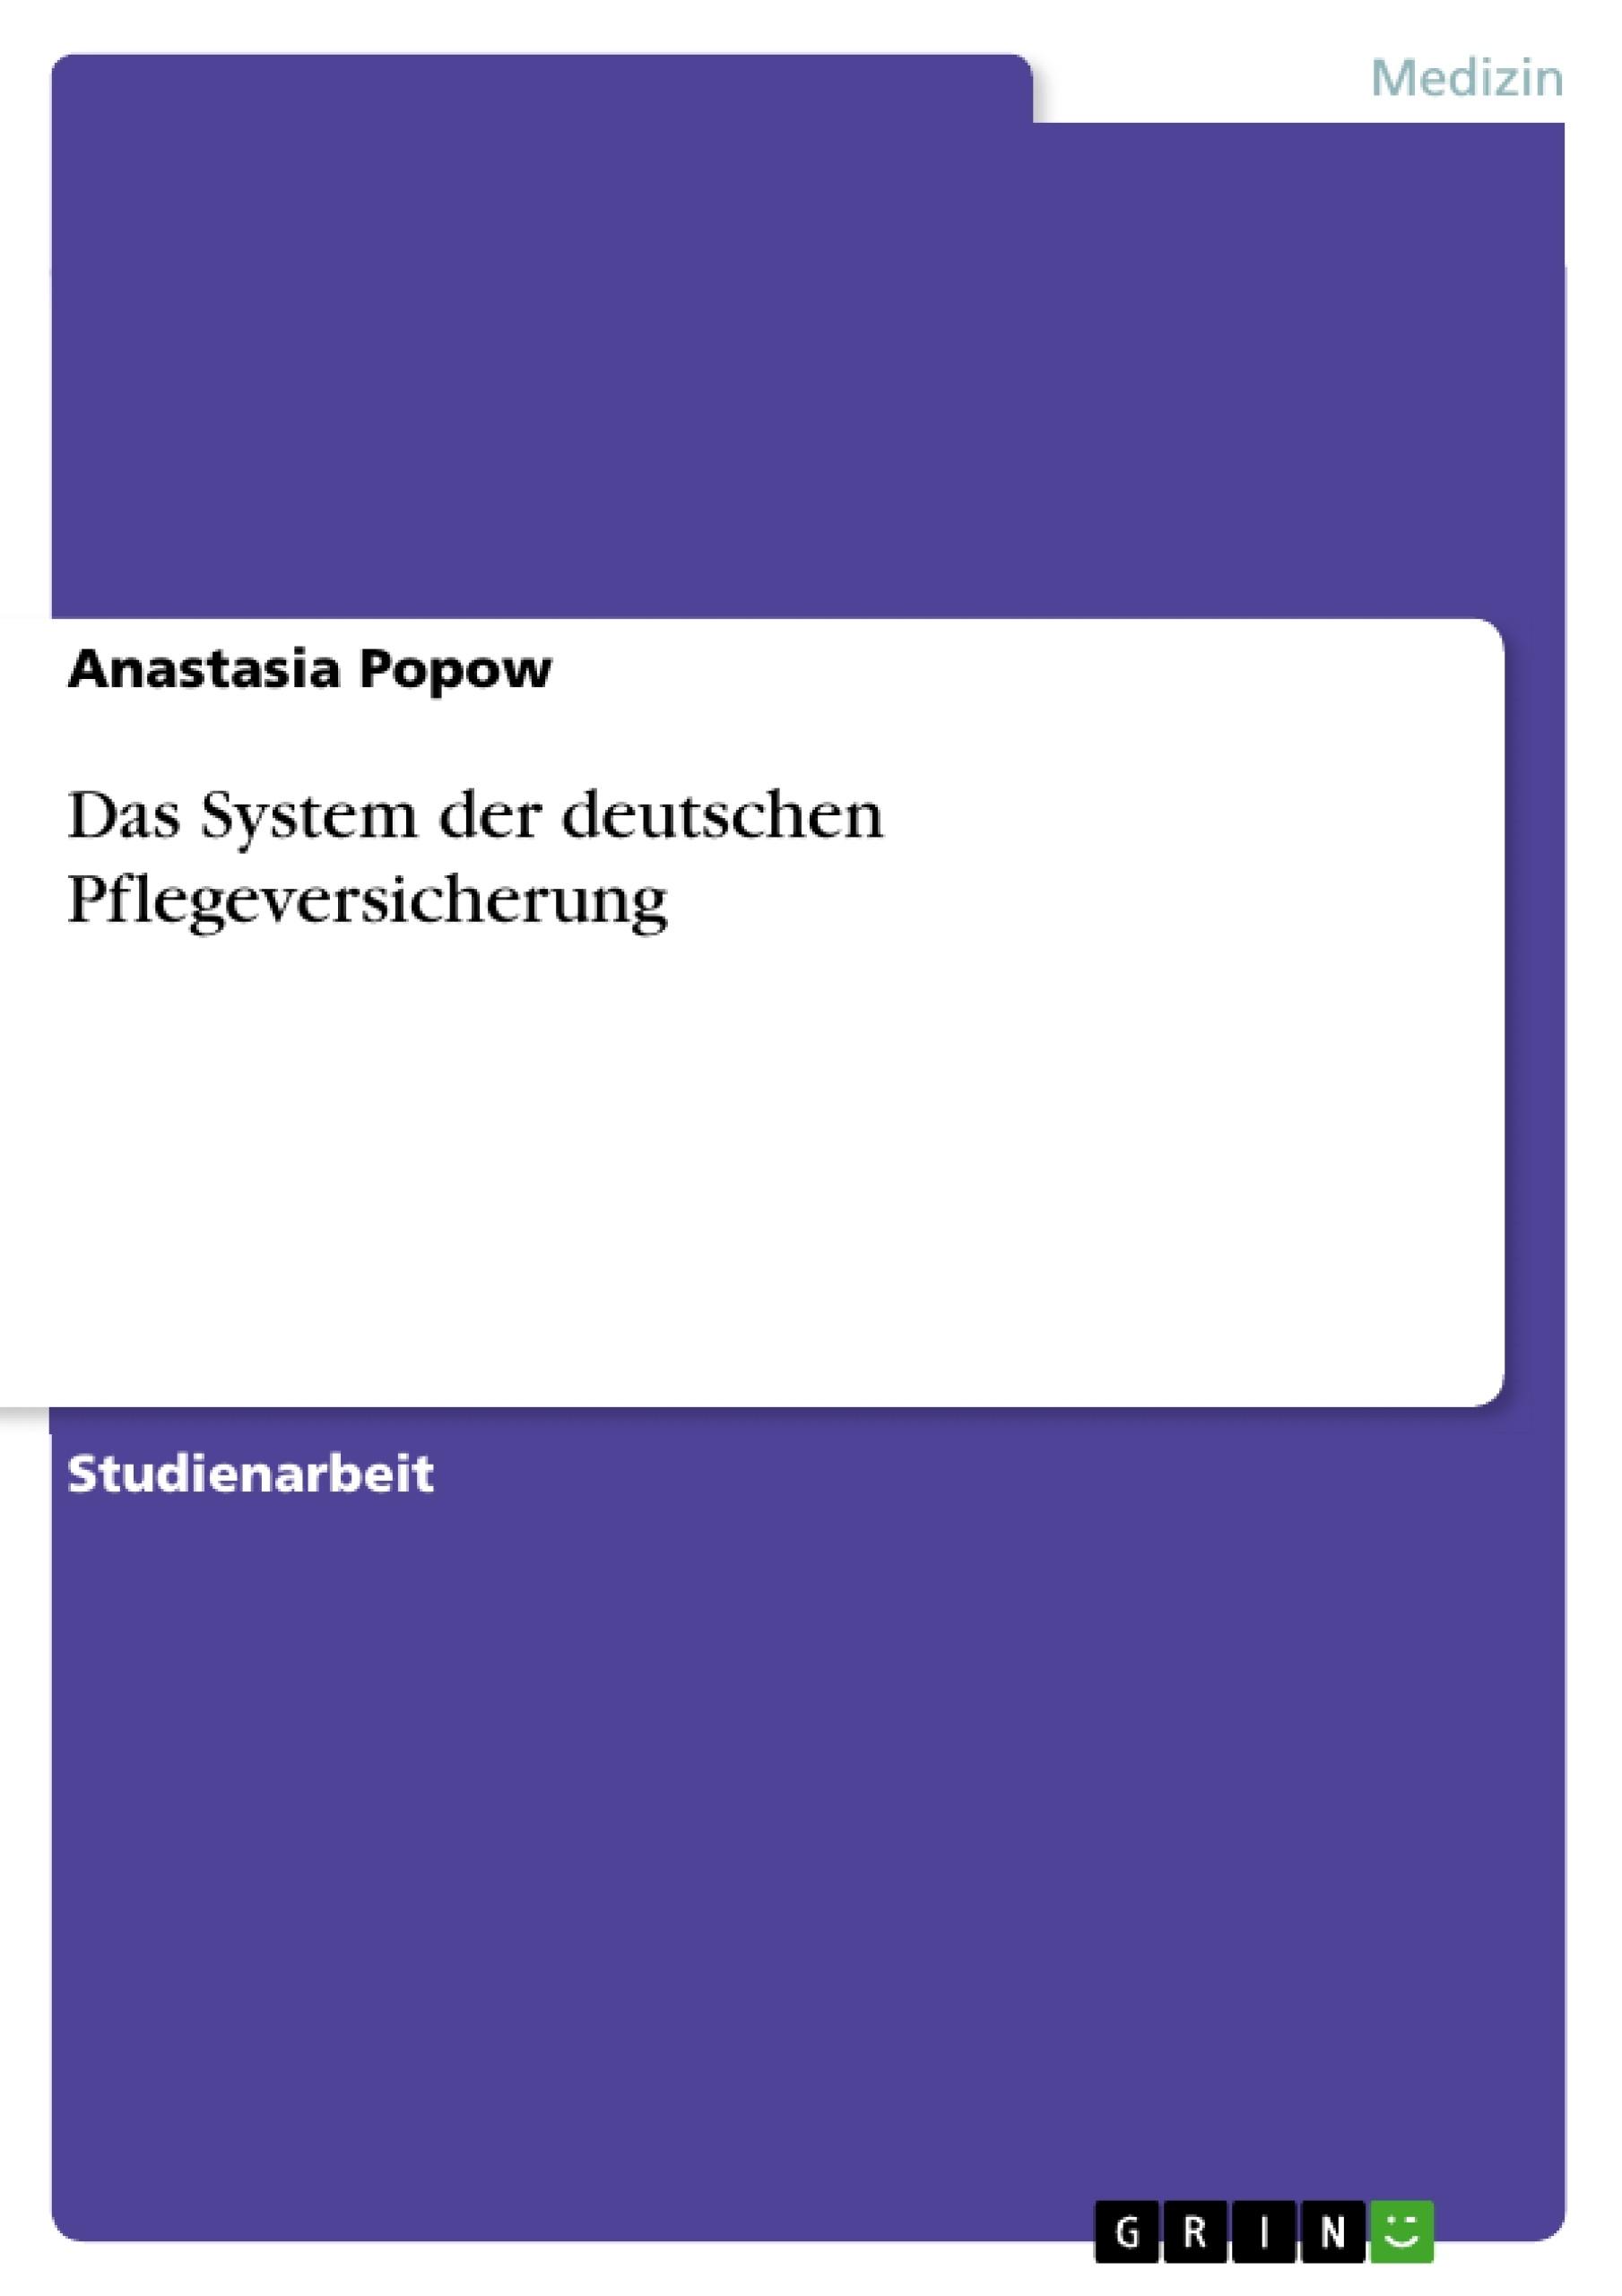 Titel: Das System der deutschen Pflegeversicherung